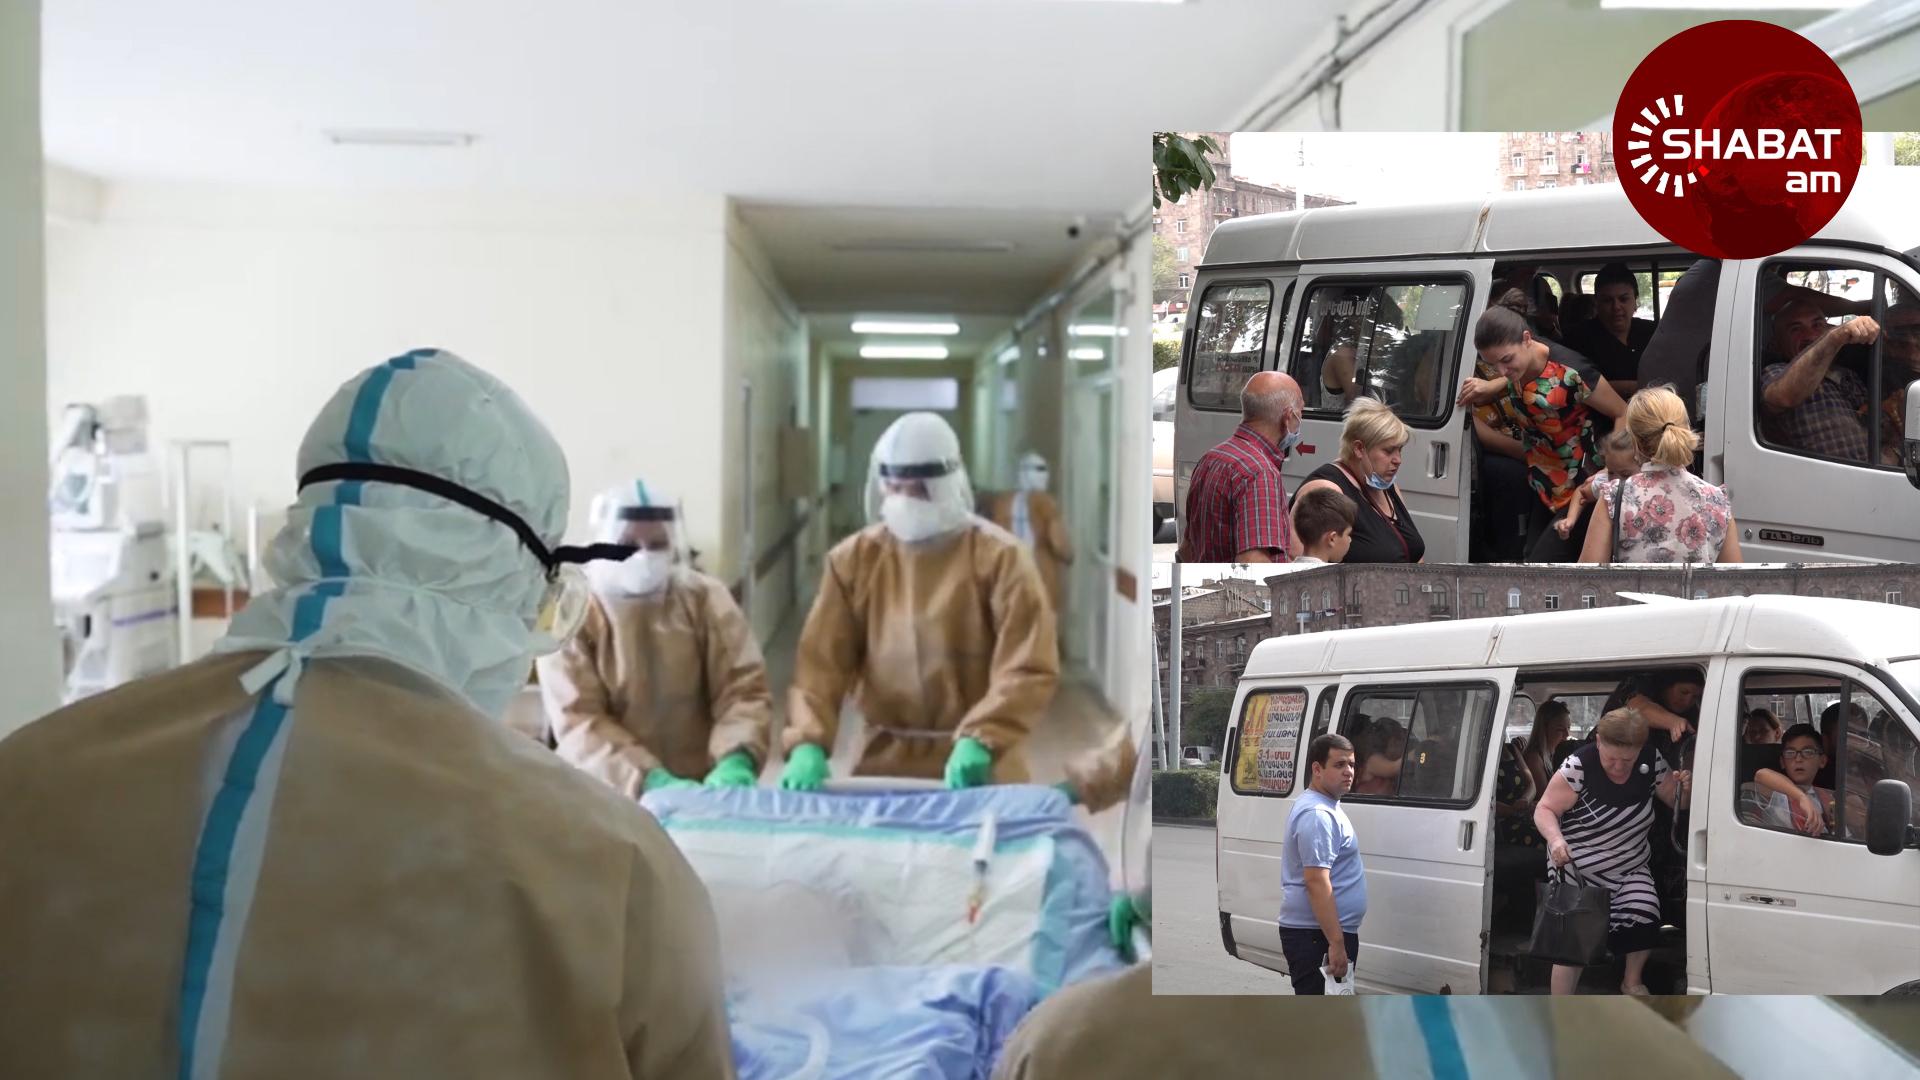 1 օրում կորոնավիրուսից գրանցվել է 19 մահ․  քաղաքացիները  հանրային տրանսպորտում դիմակ չեն կրում (տեսանյութ)